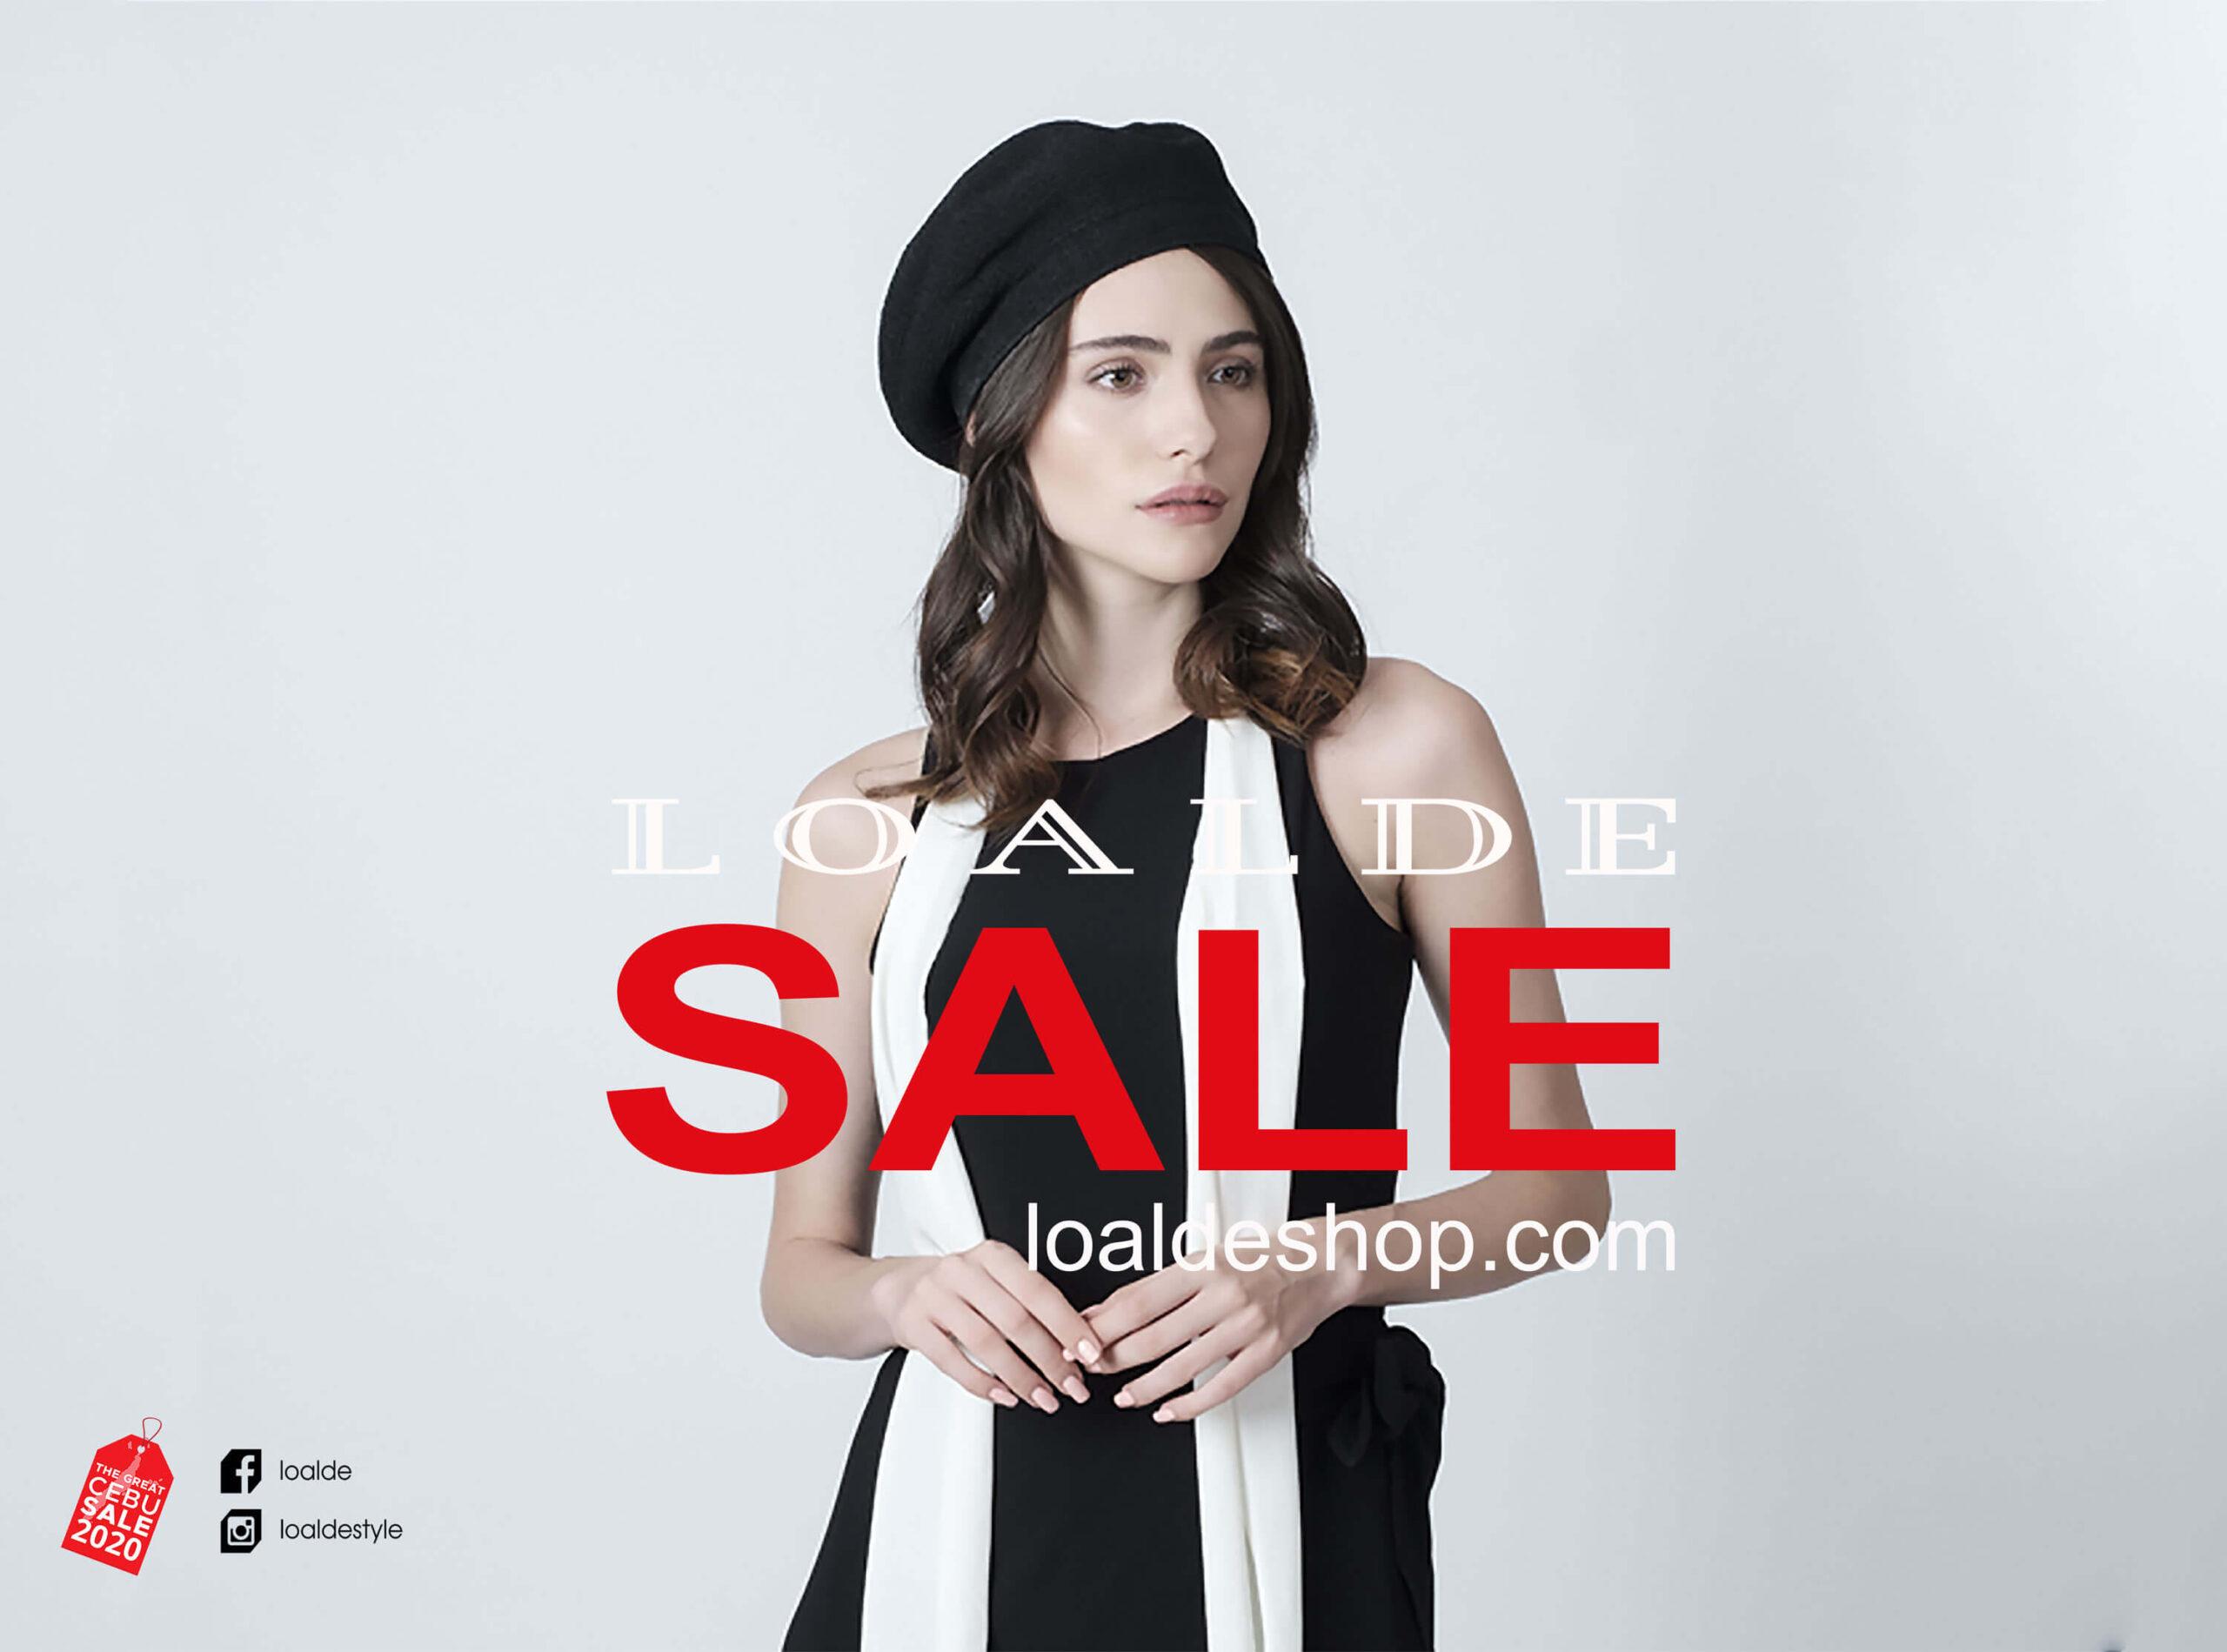 Loalde joins The Great Cebu Sale